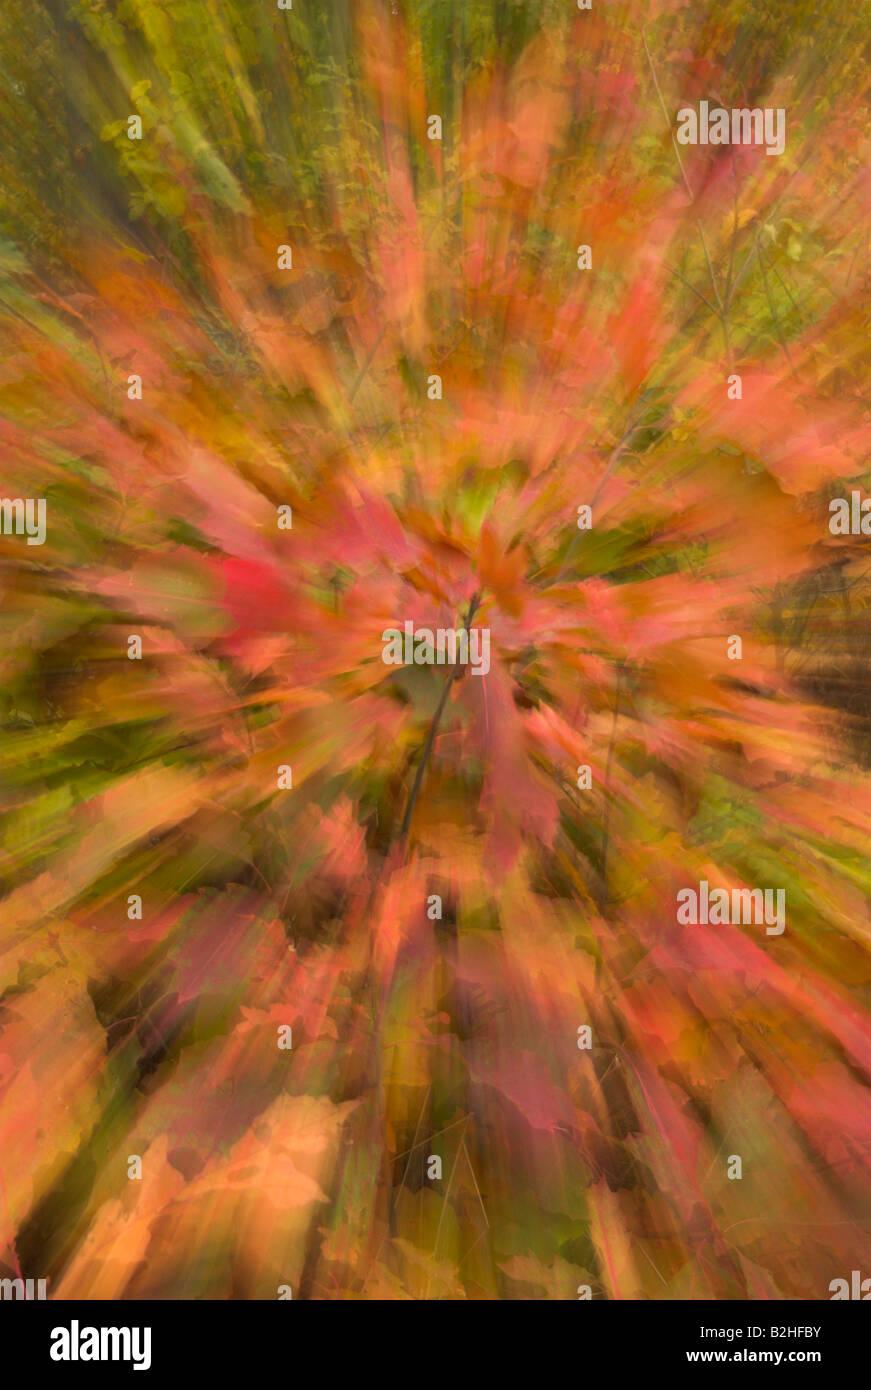 warped woolly ambiguous autumn autumnal autumnally leaves Wischeffekt durch Drehen Bewegen der Kamera farbisges - Stock Image